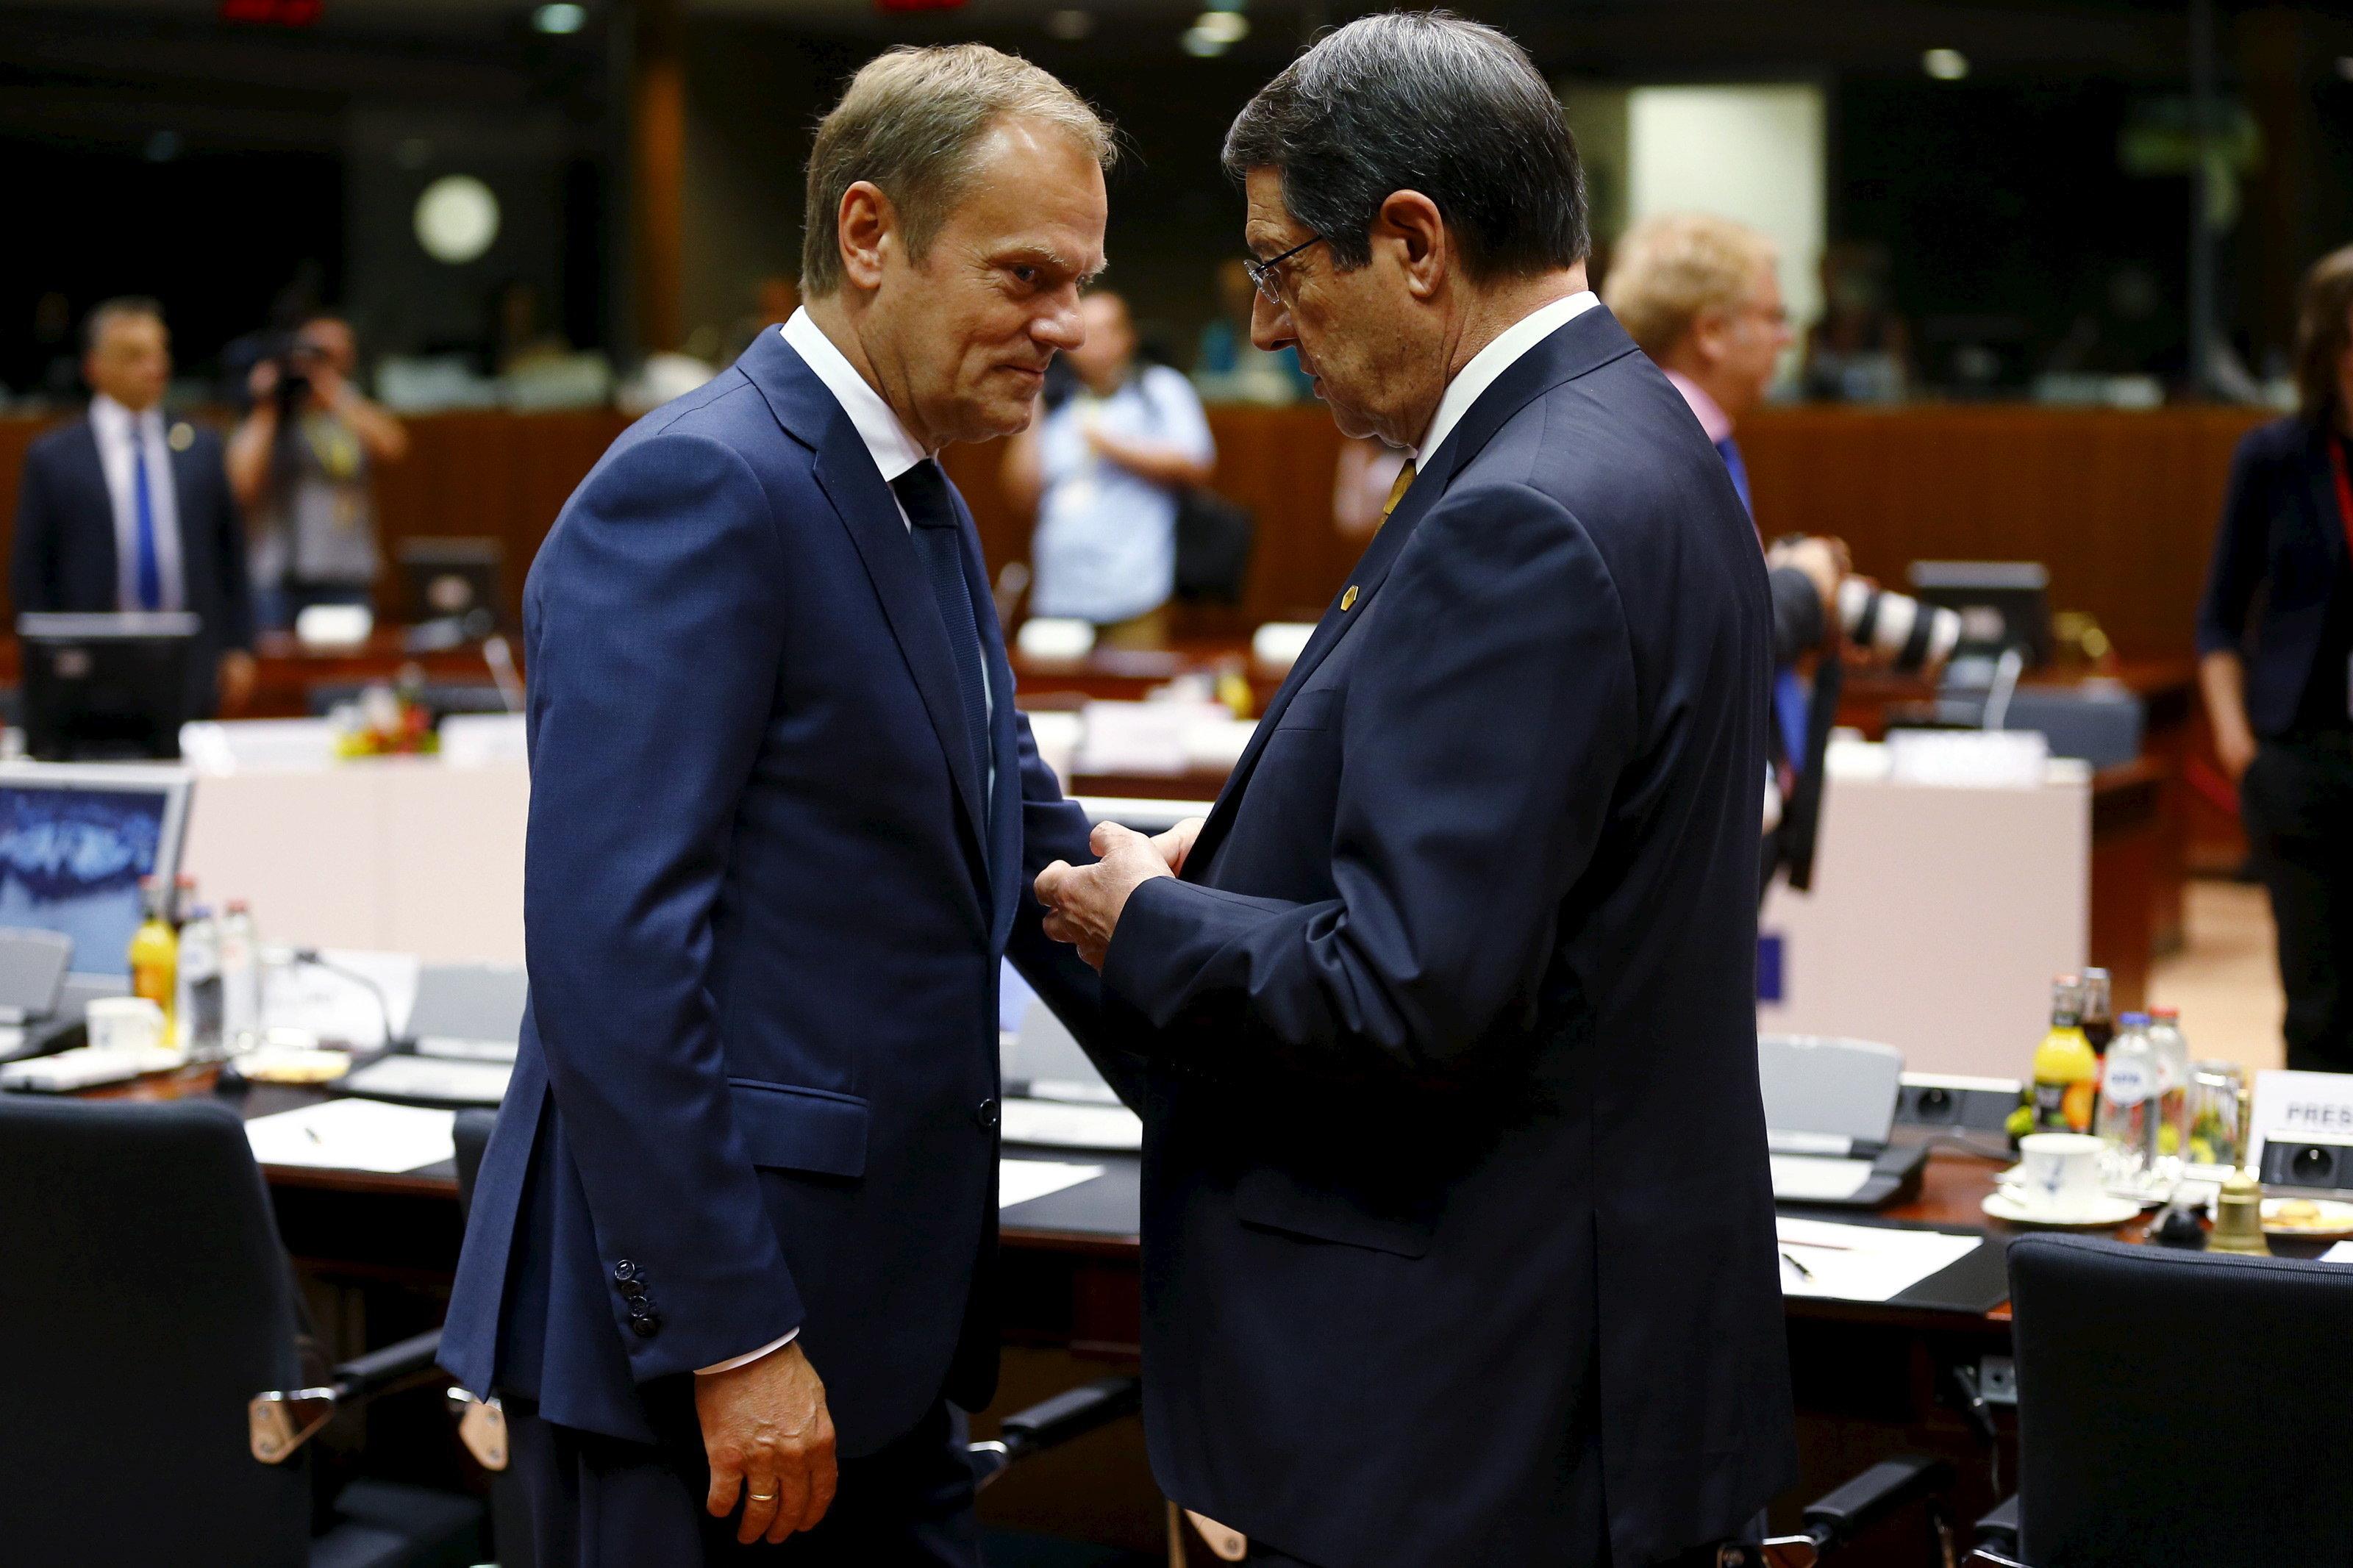 Τουσκ σε Αναστασιάδη: Η ΕΕ πρέπει να αντιδράσει στις τουρκικές ενέργειες στην κυπριακή